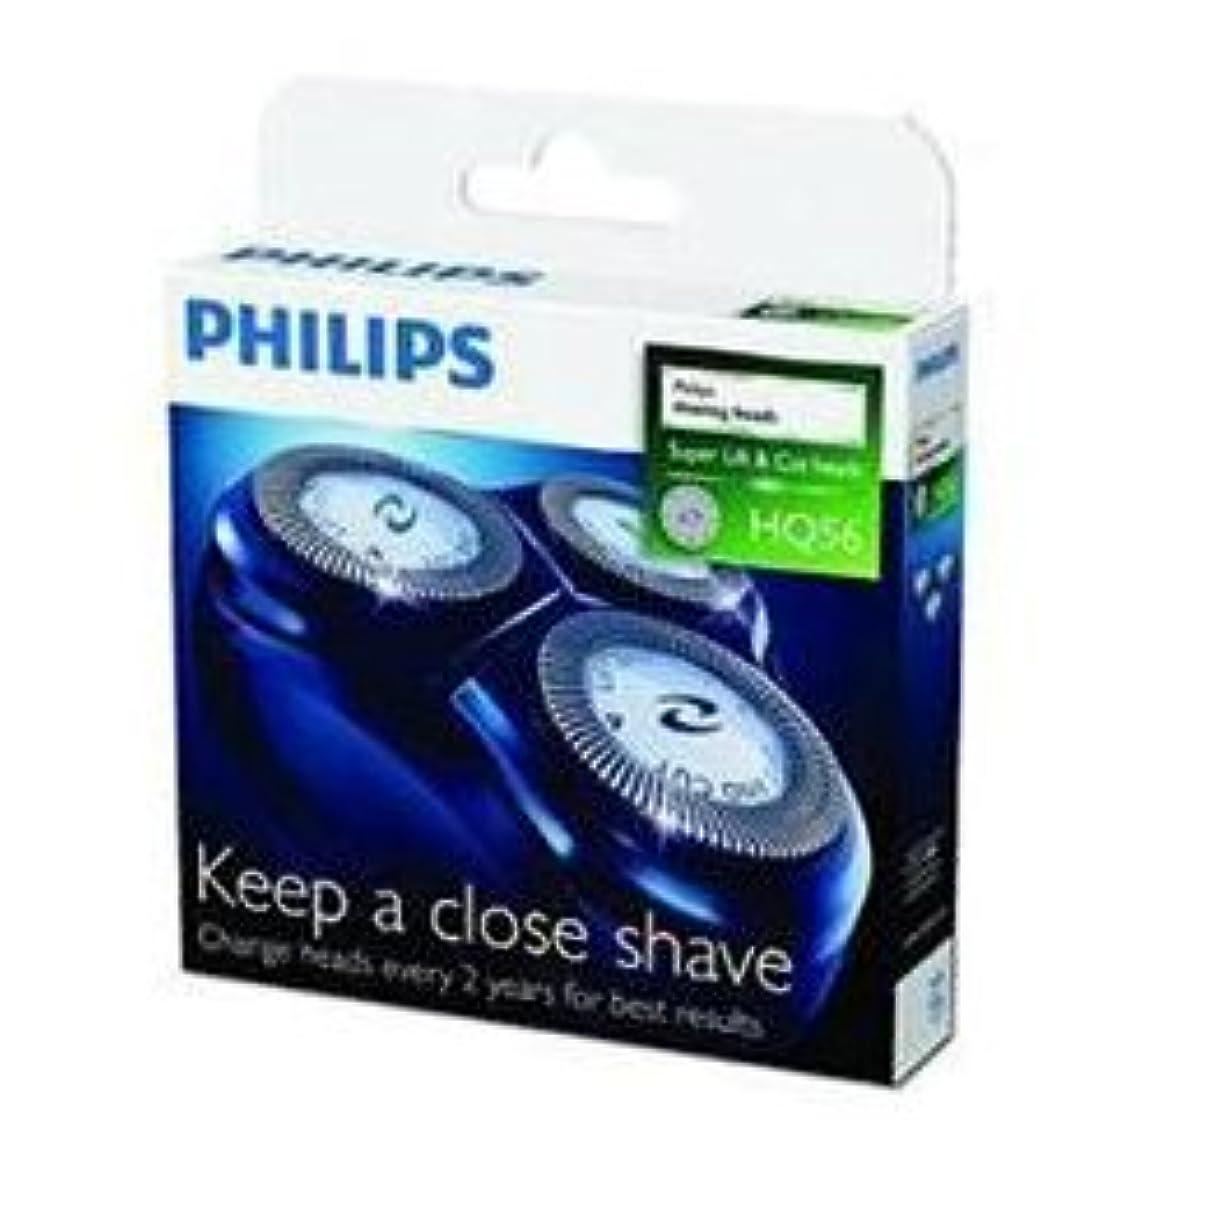 単調な有用世代(3個まとめ売り) PHILIPS シェーバー用替え刃 HQ56/51